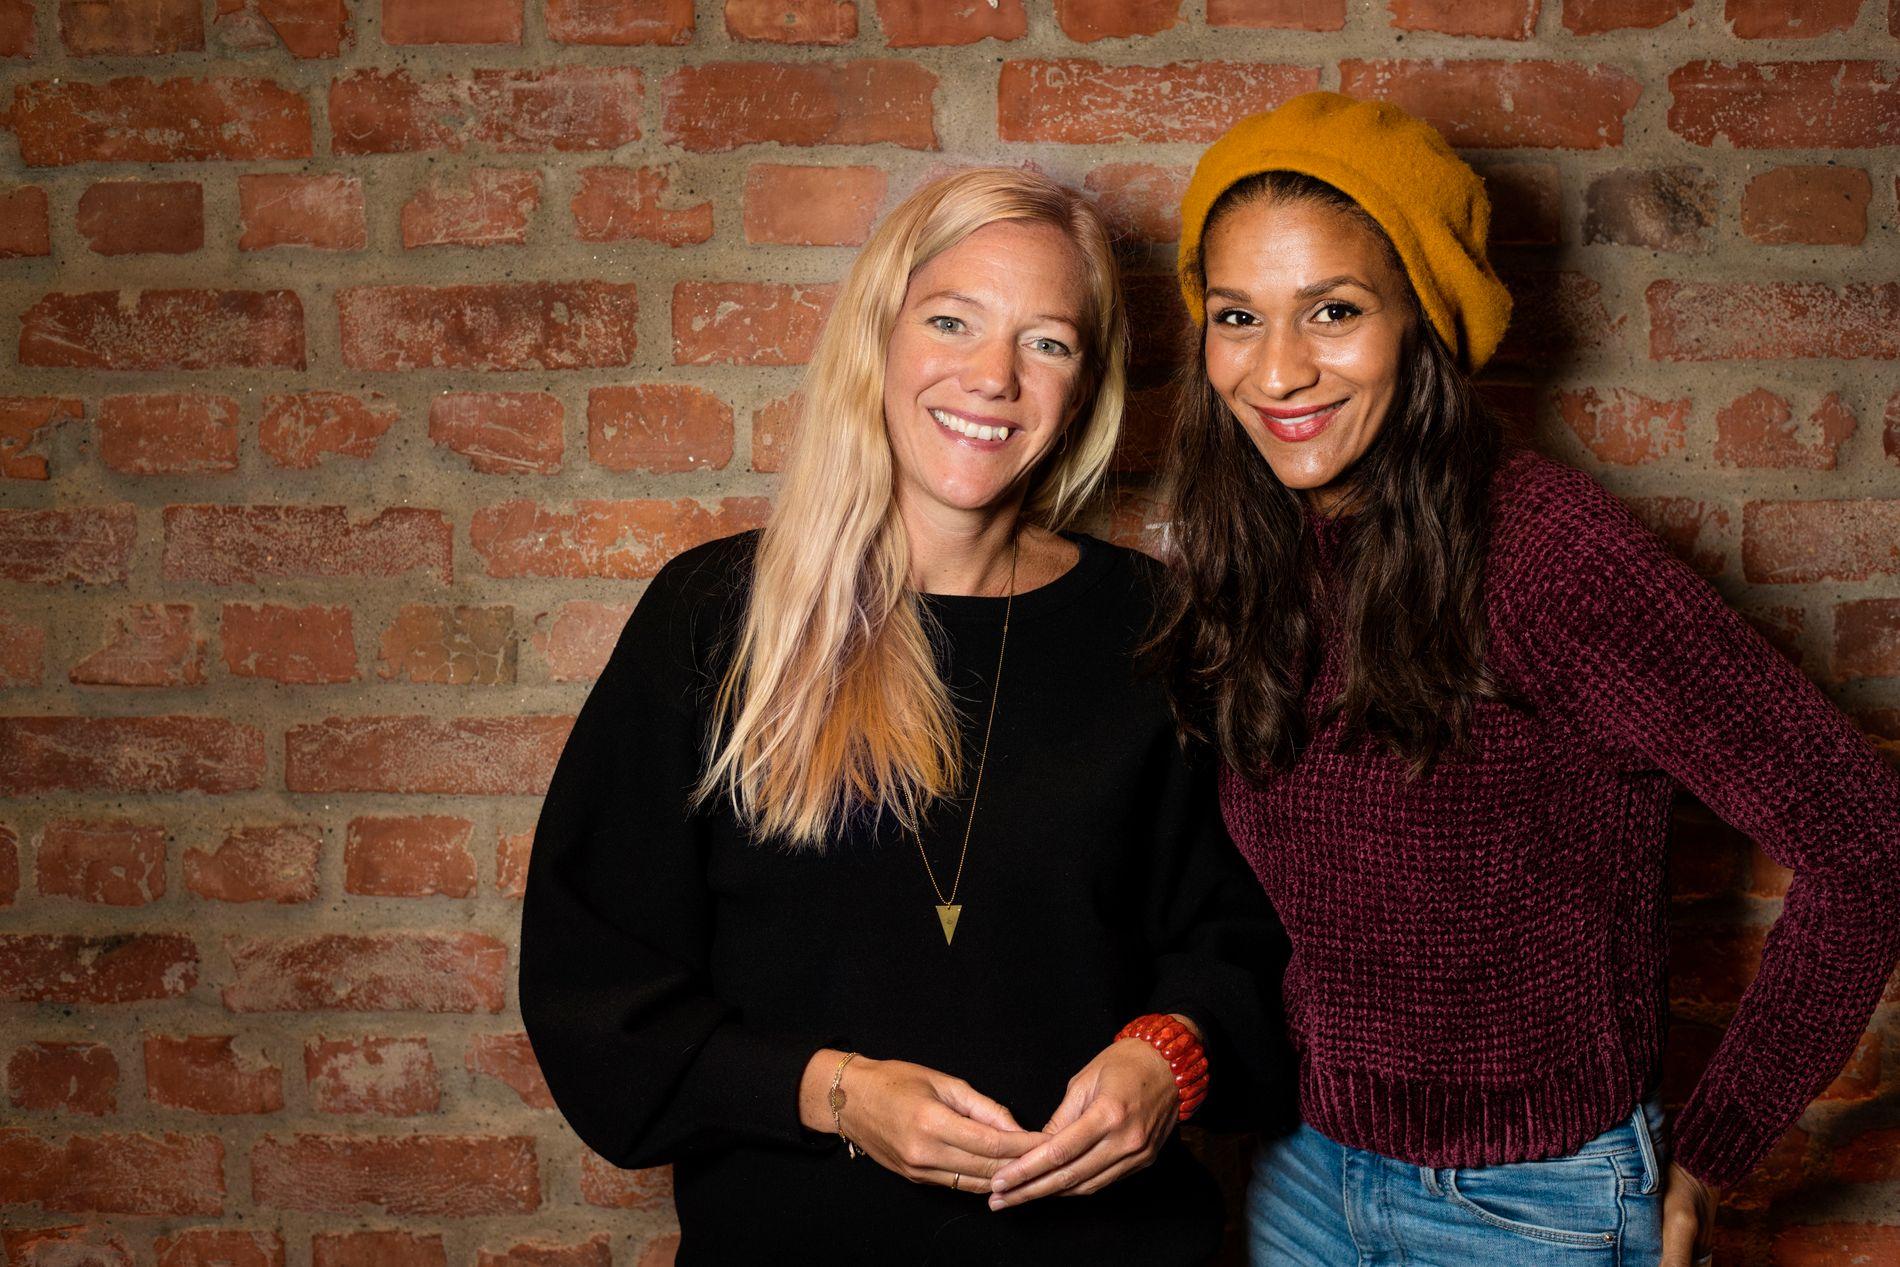 SAMARBEIDER: Maja Lunde og Lisa Aisato har laget «Snøsøsteren», som er nominert til Bokhandlerprisen 2018.